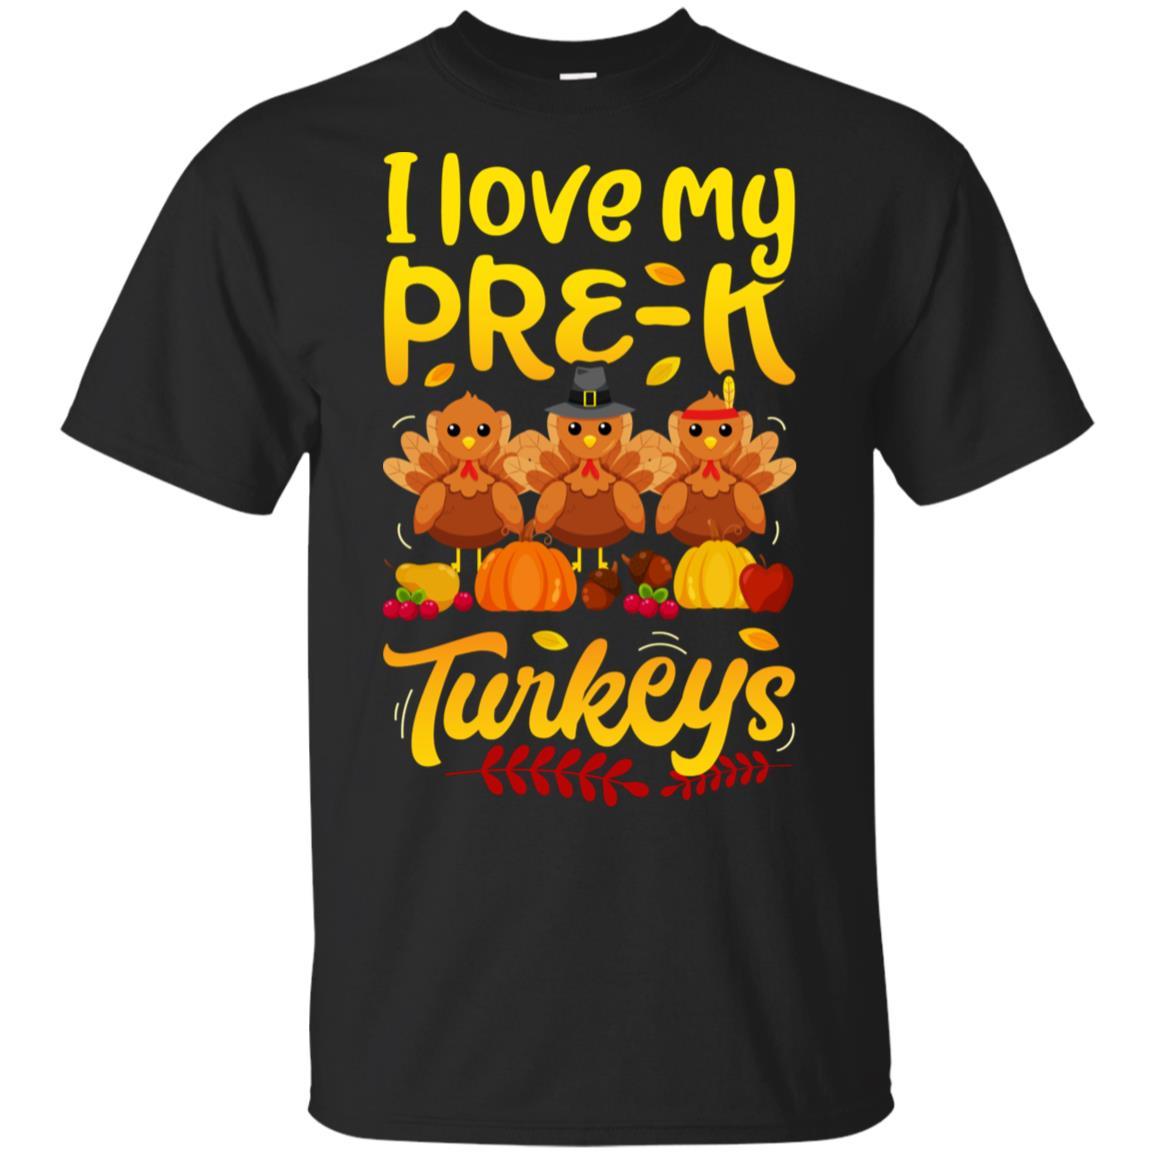 Thanksgivings for Women Men I Love My Pre-K Turkeys-1 Unisex Short Sleeve